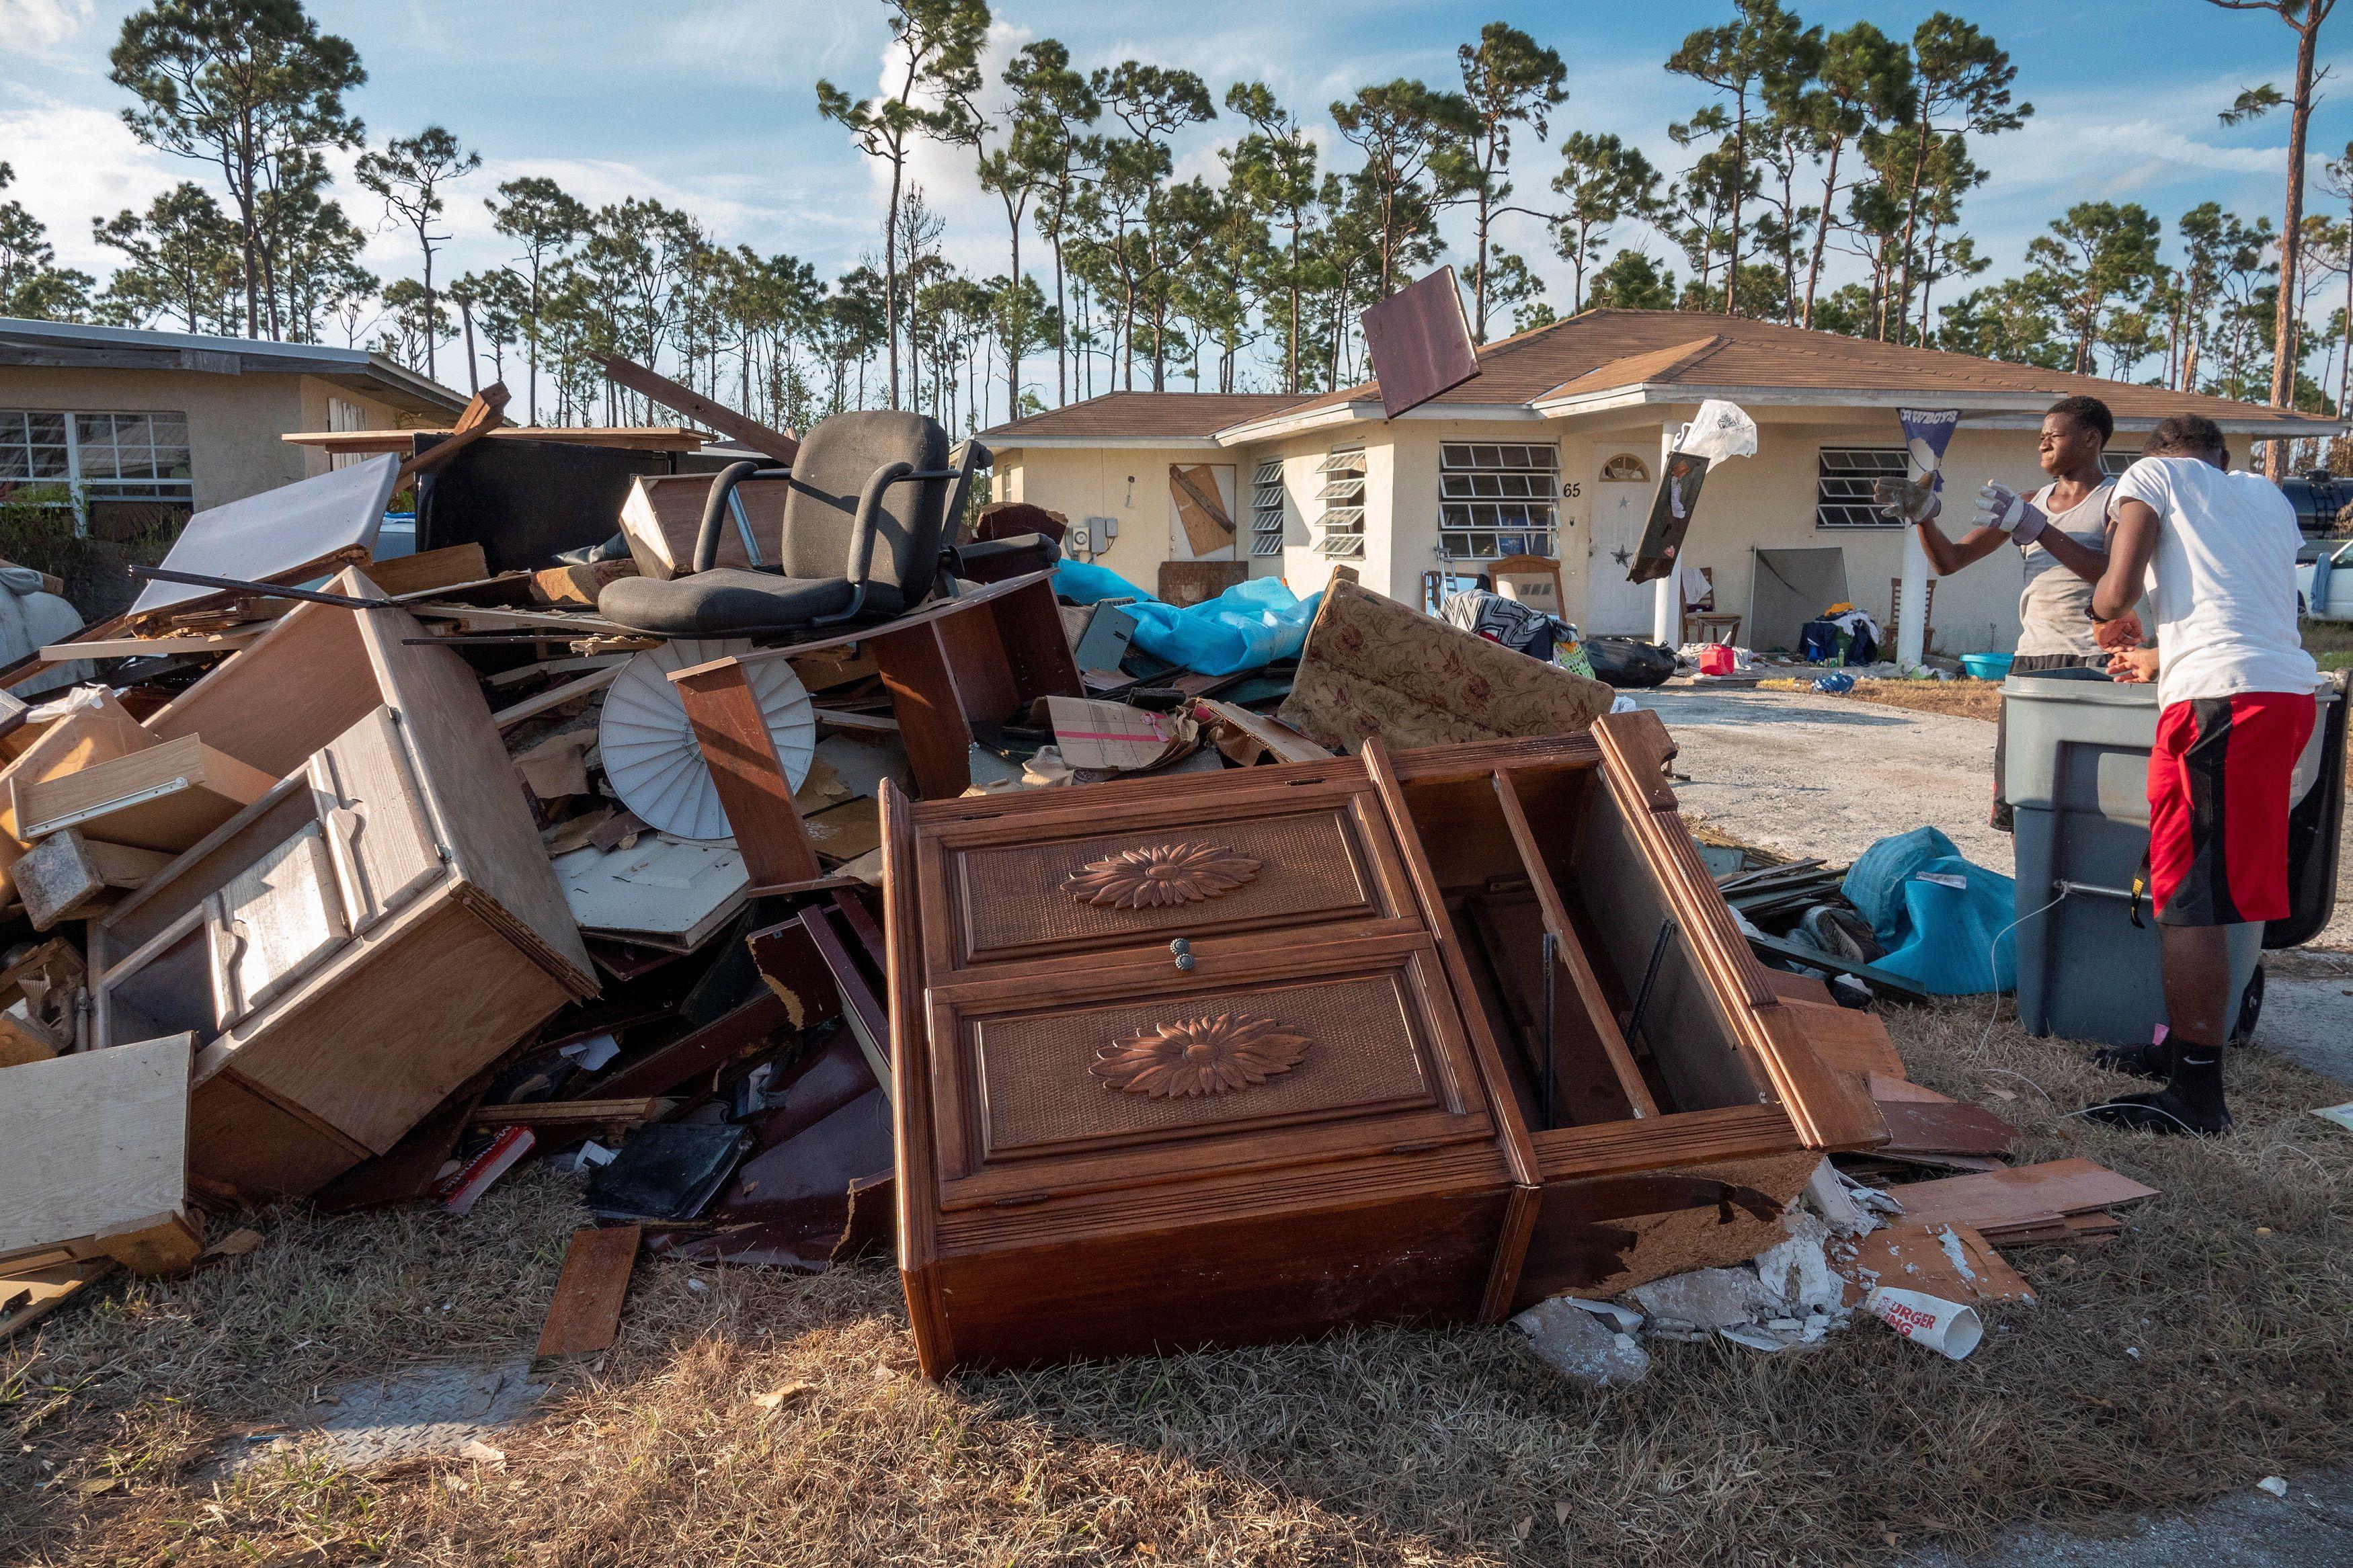 """El """"sand-dollar"""" (dólar de arena), complemento del dólar bahameño, impulsado por dos catástrofes consecutivas: el huracán Dorian, en septiembre de 2019, que devastó las islas Ábaco y Gran Bahama (fotos) y meses después la pandemia de coronavirus (EFE)"""